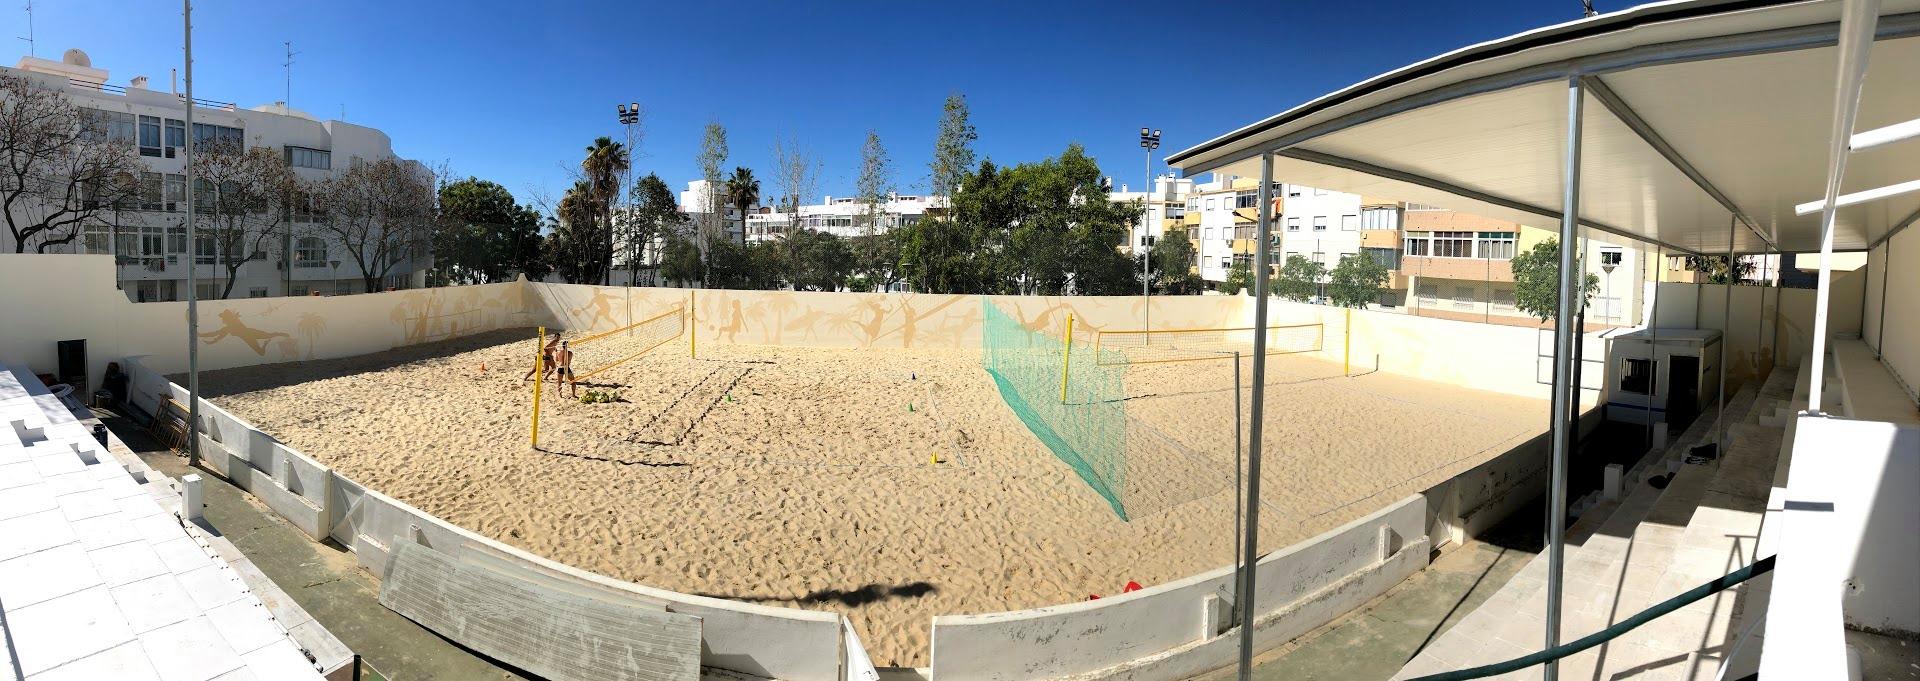 Beach Arena FC